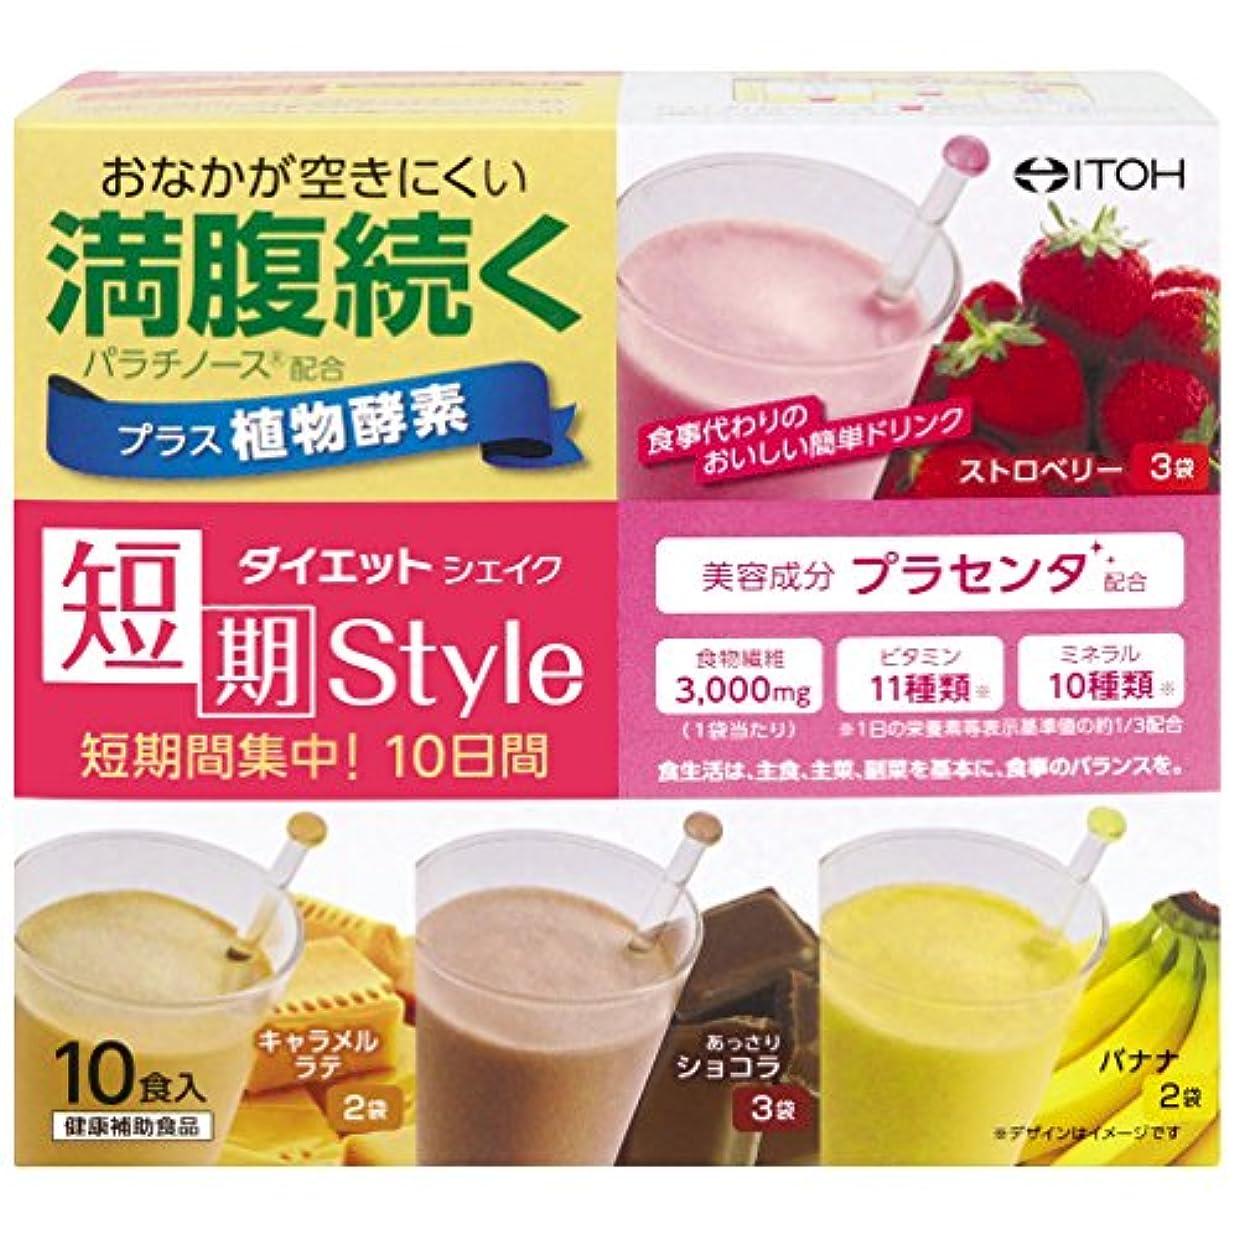 のれん遊びます減る井藤漢方製薬 短期スタイル ダイエットシェイク 10食分 25gX10袋